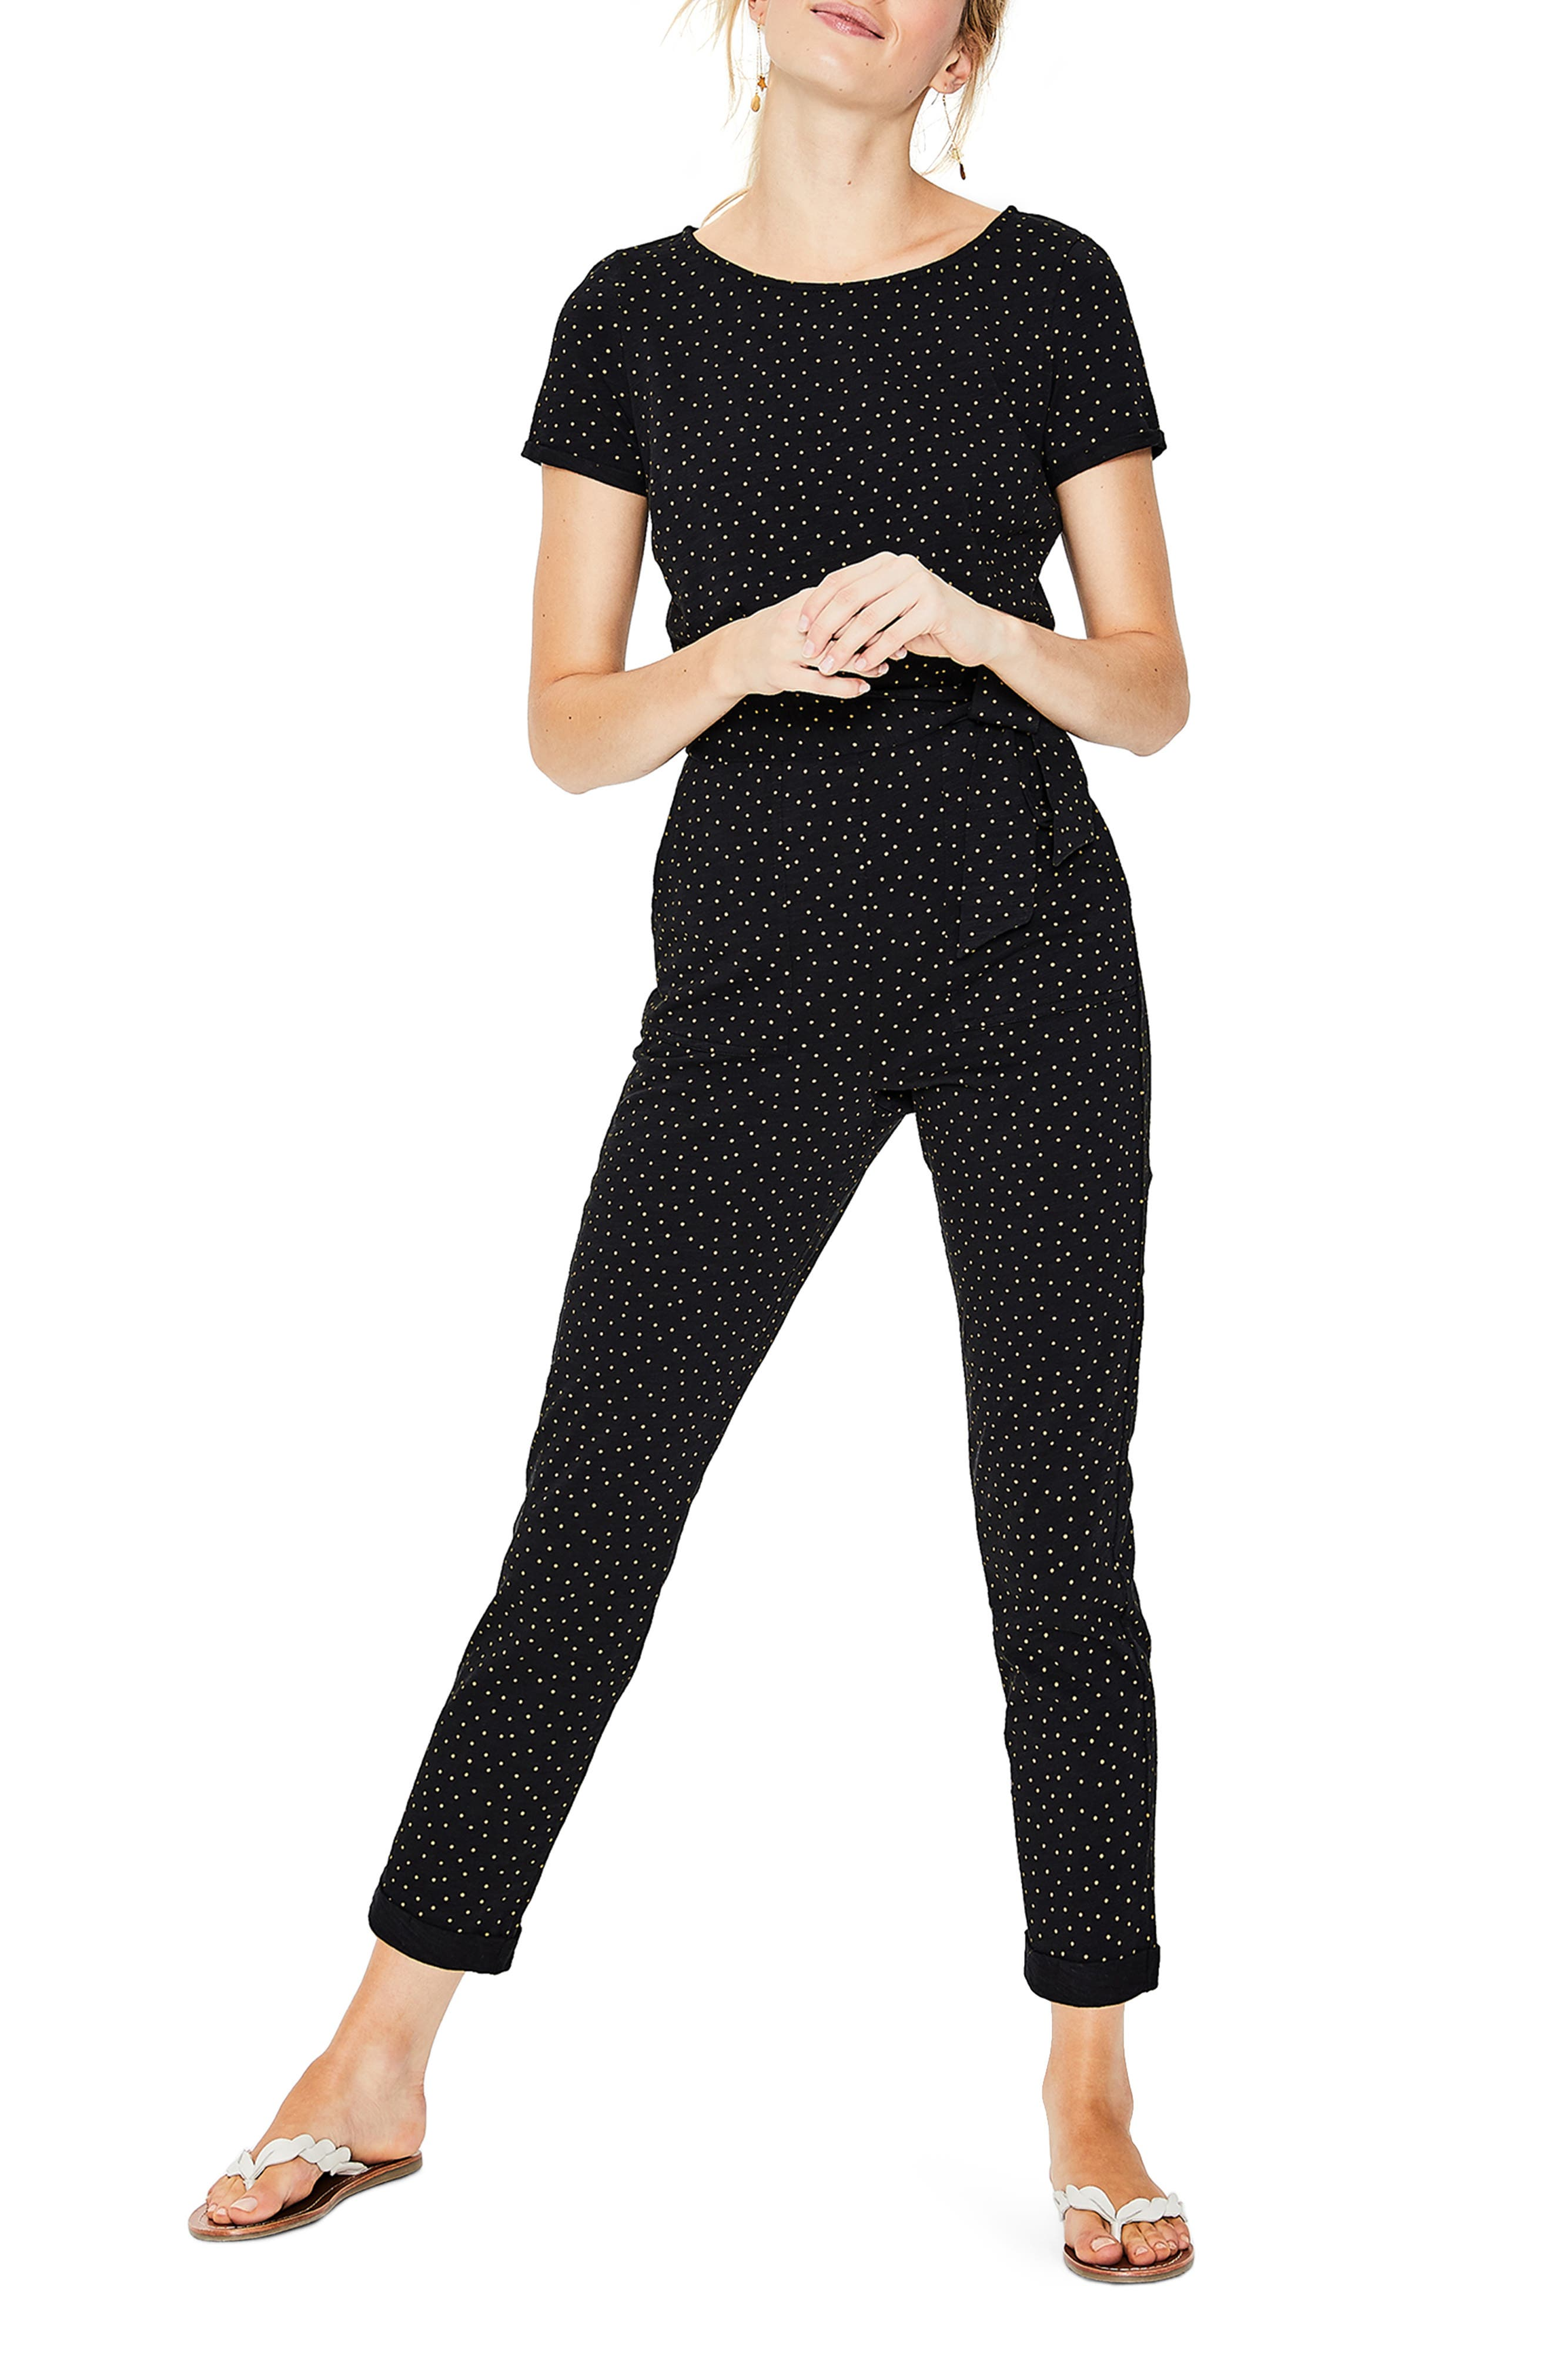 BODEN, Caitlin Jersey Jumpsuit, Main thumbnail 1, color, BLACK/ SOFT TRUFFLE SPOT